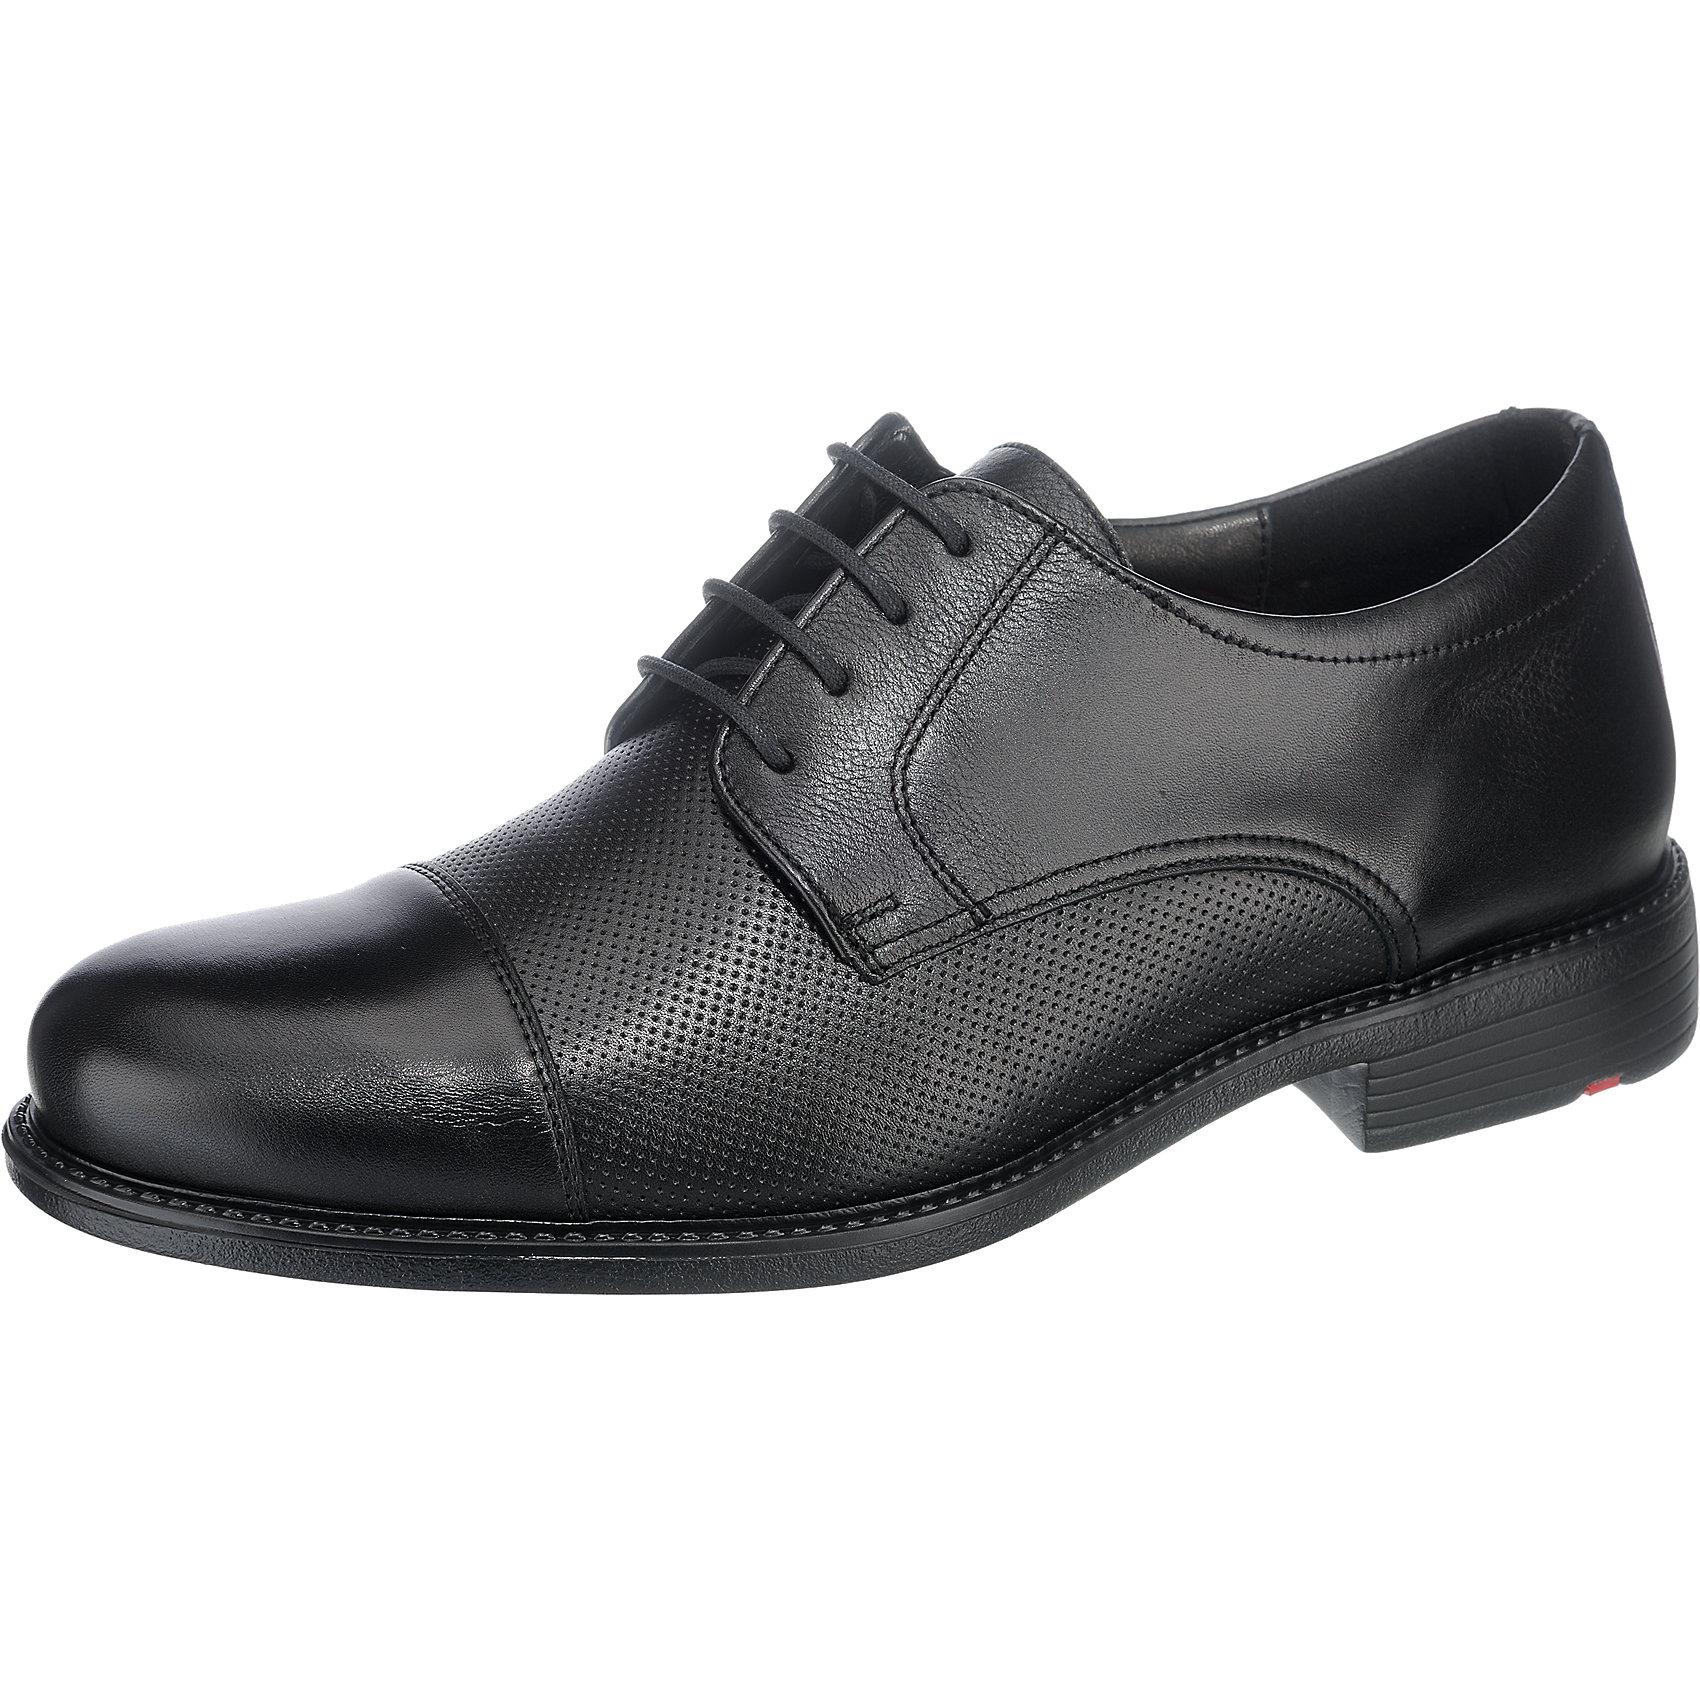 Neu LLOYD Tango Business Schuhe schwarz 5767370